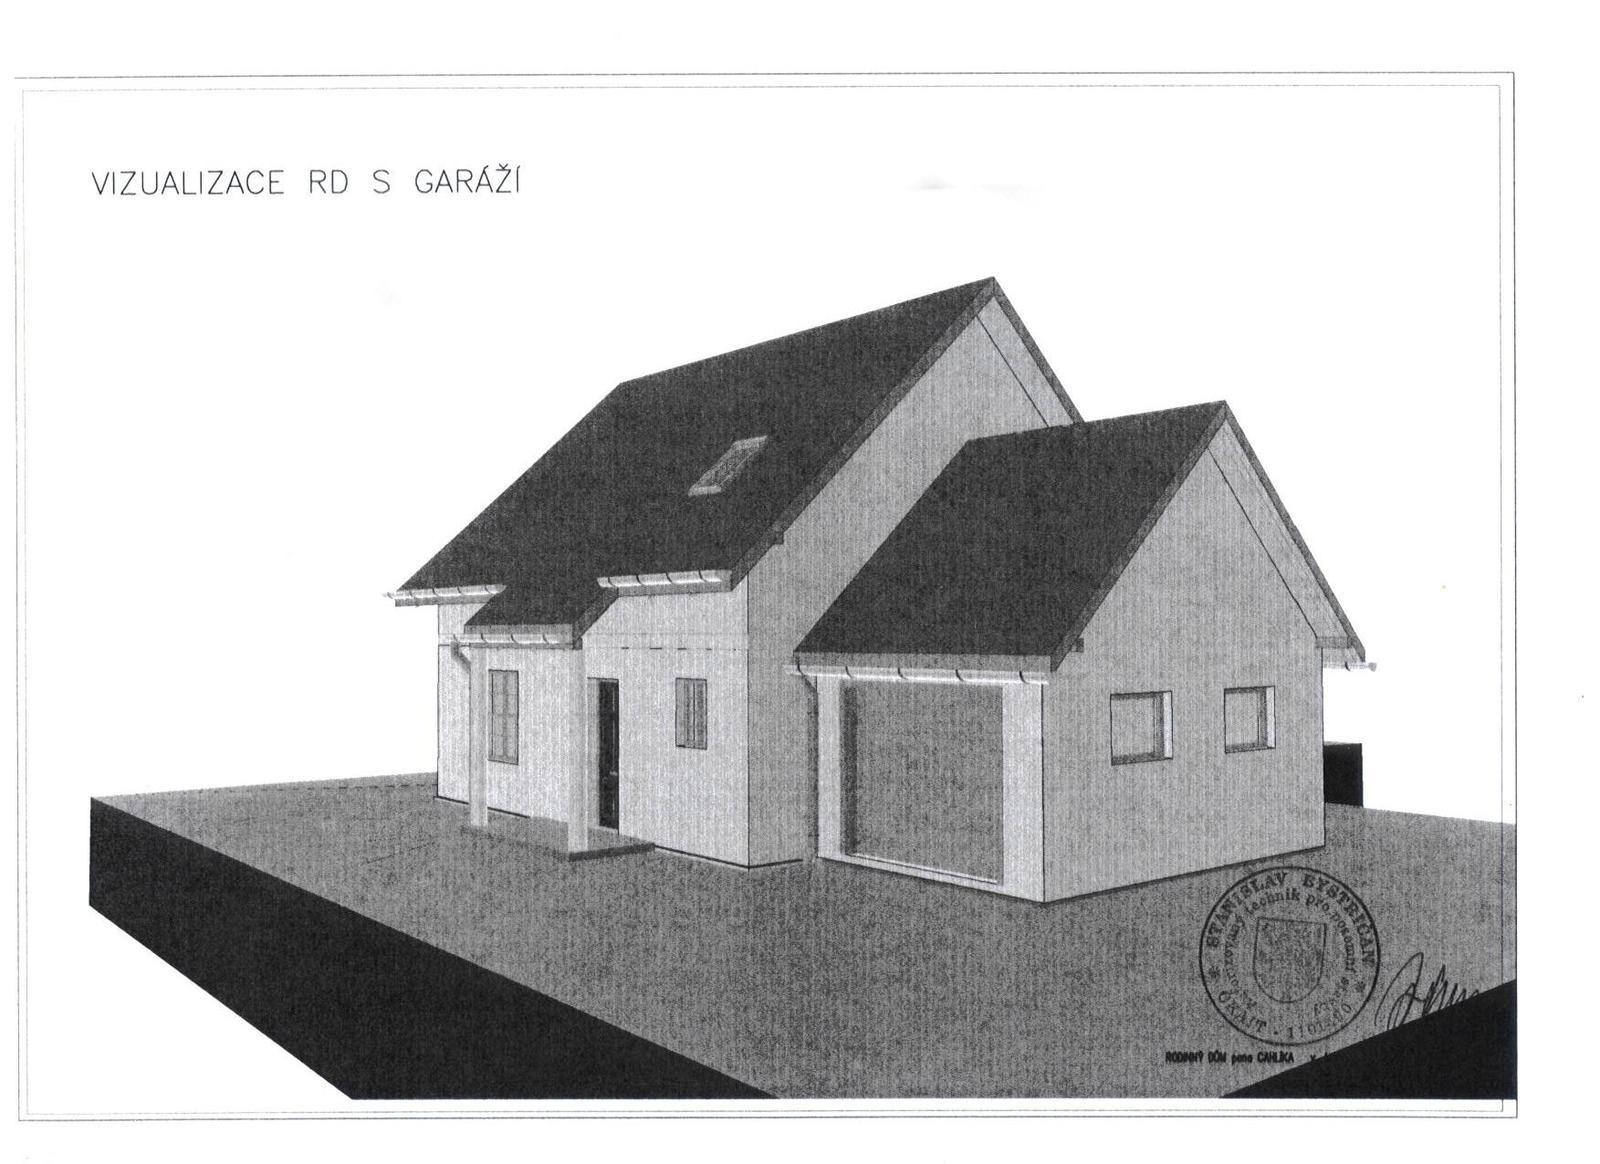 Můj domek svépomocí za 1,3 miliónu - Obrázek č. 4